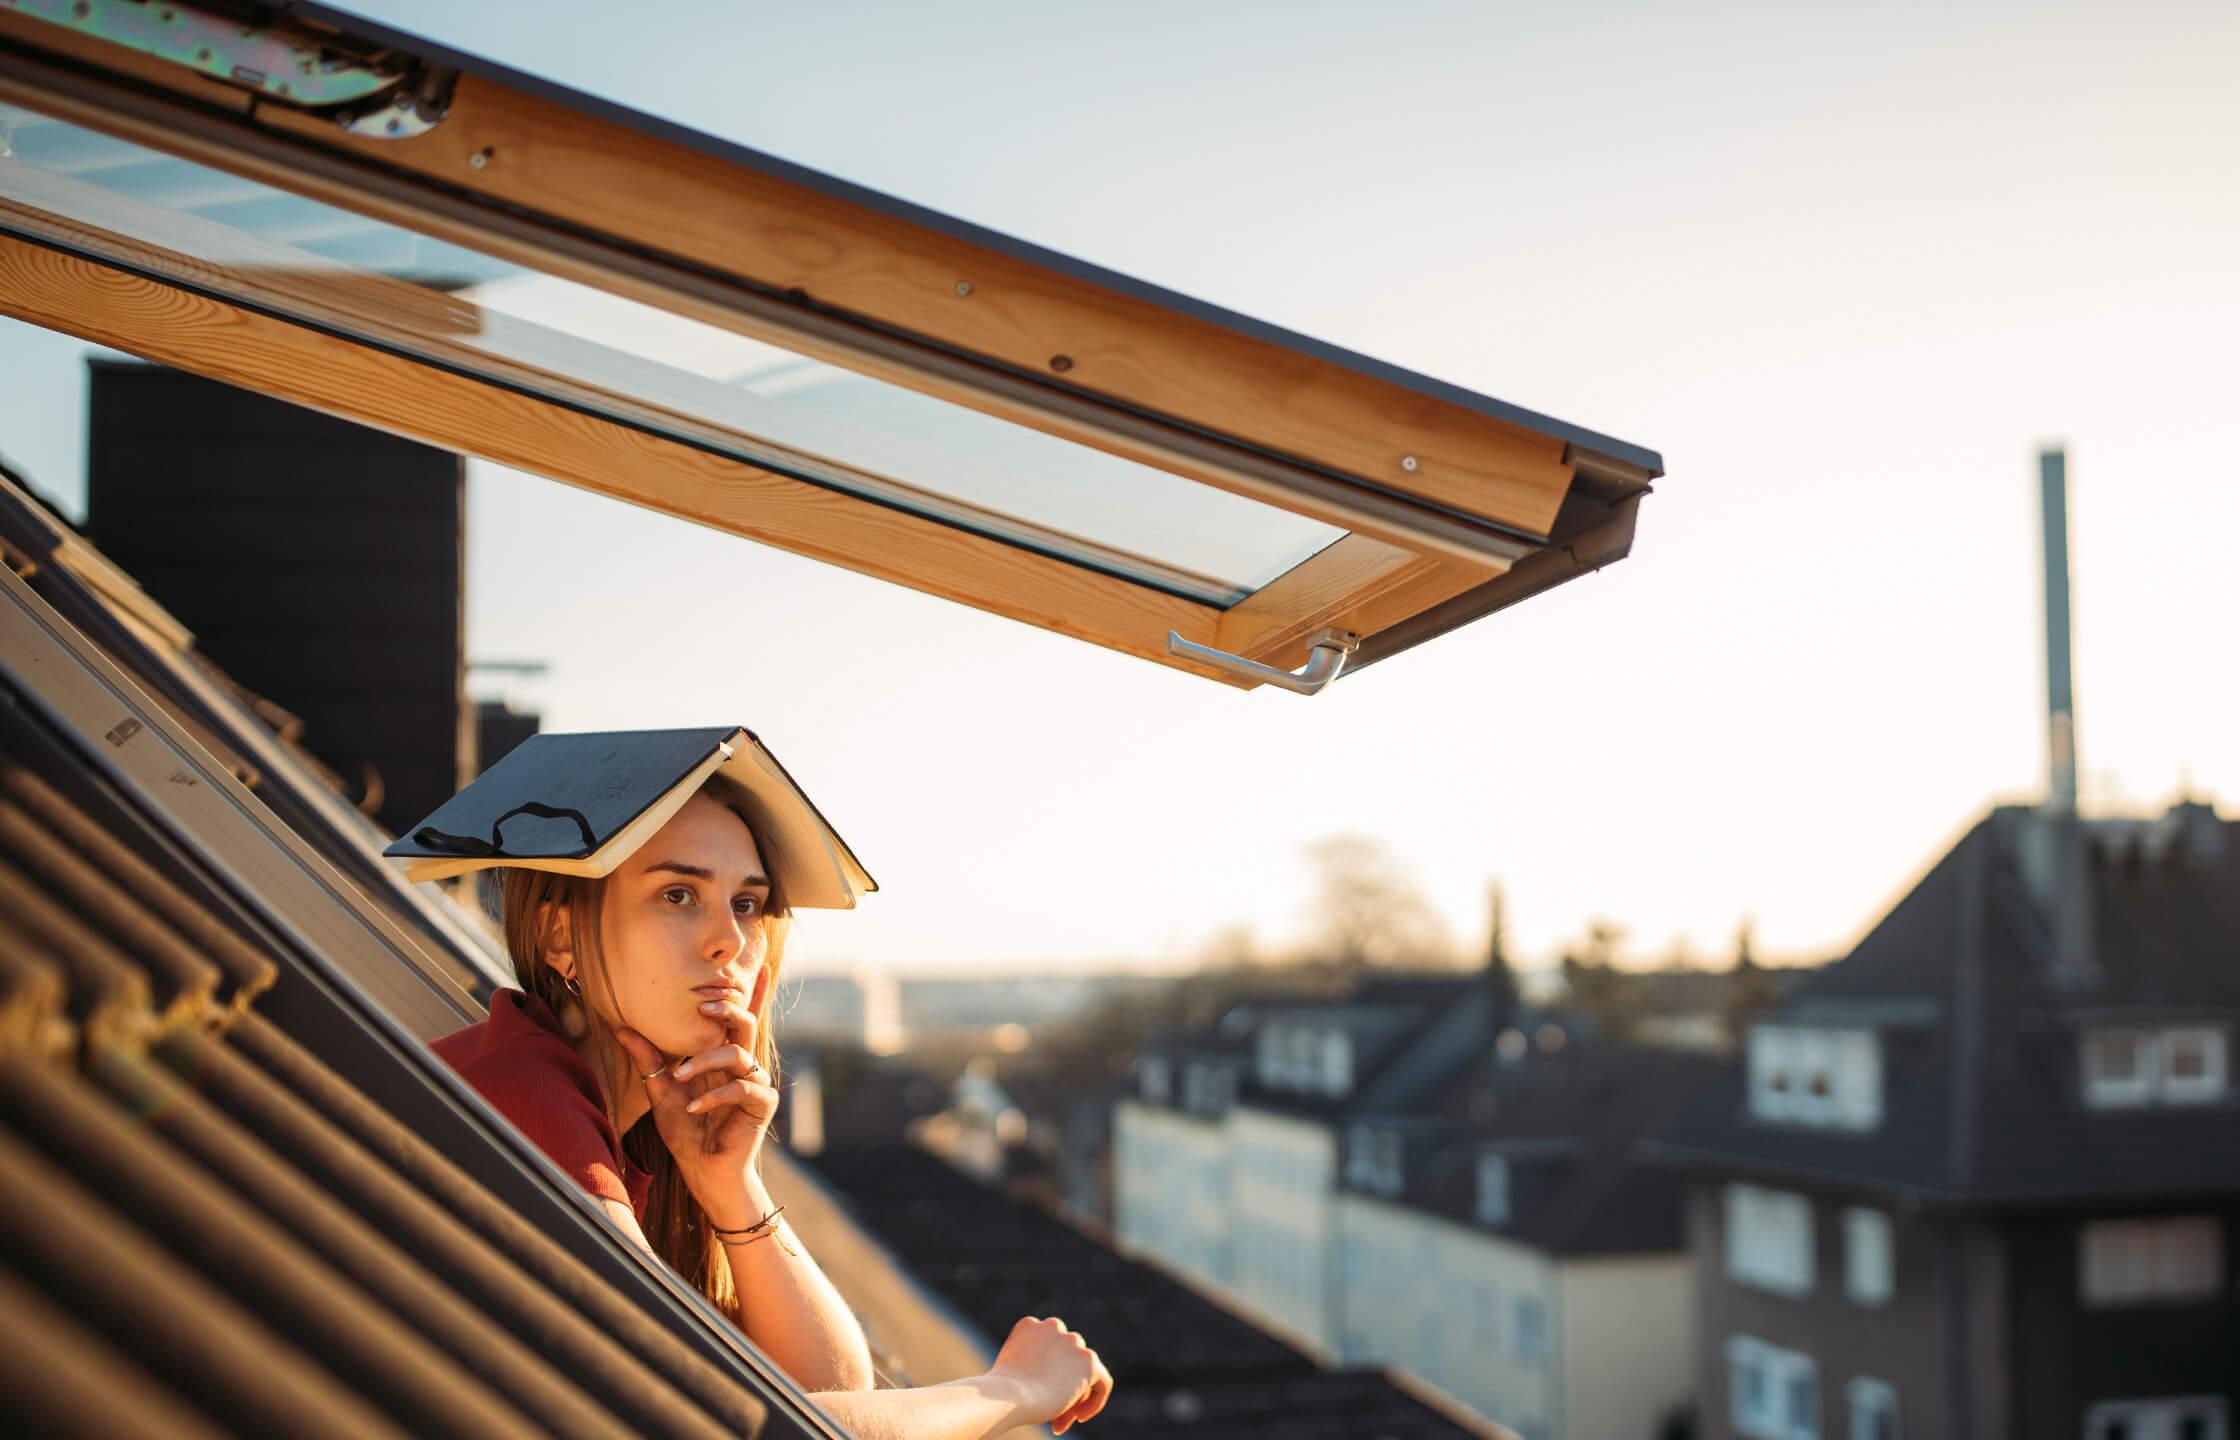 Frau schaut nachdenklich aus dem Fenster